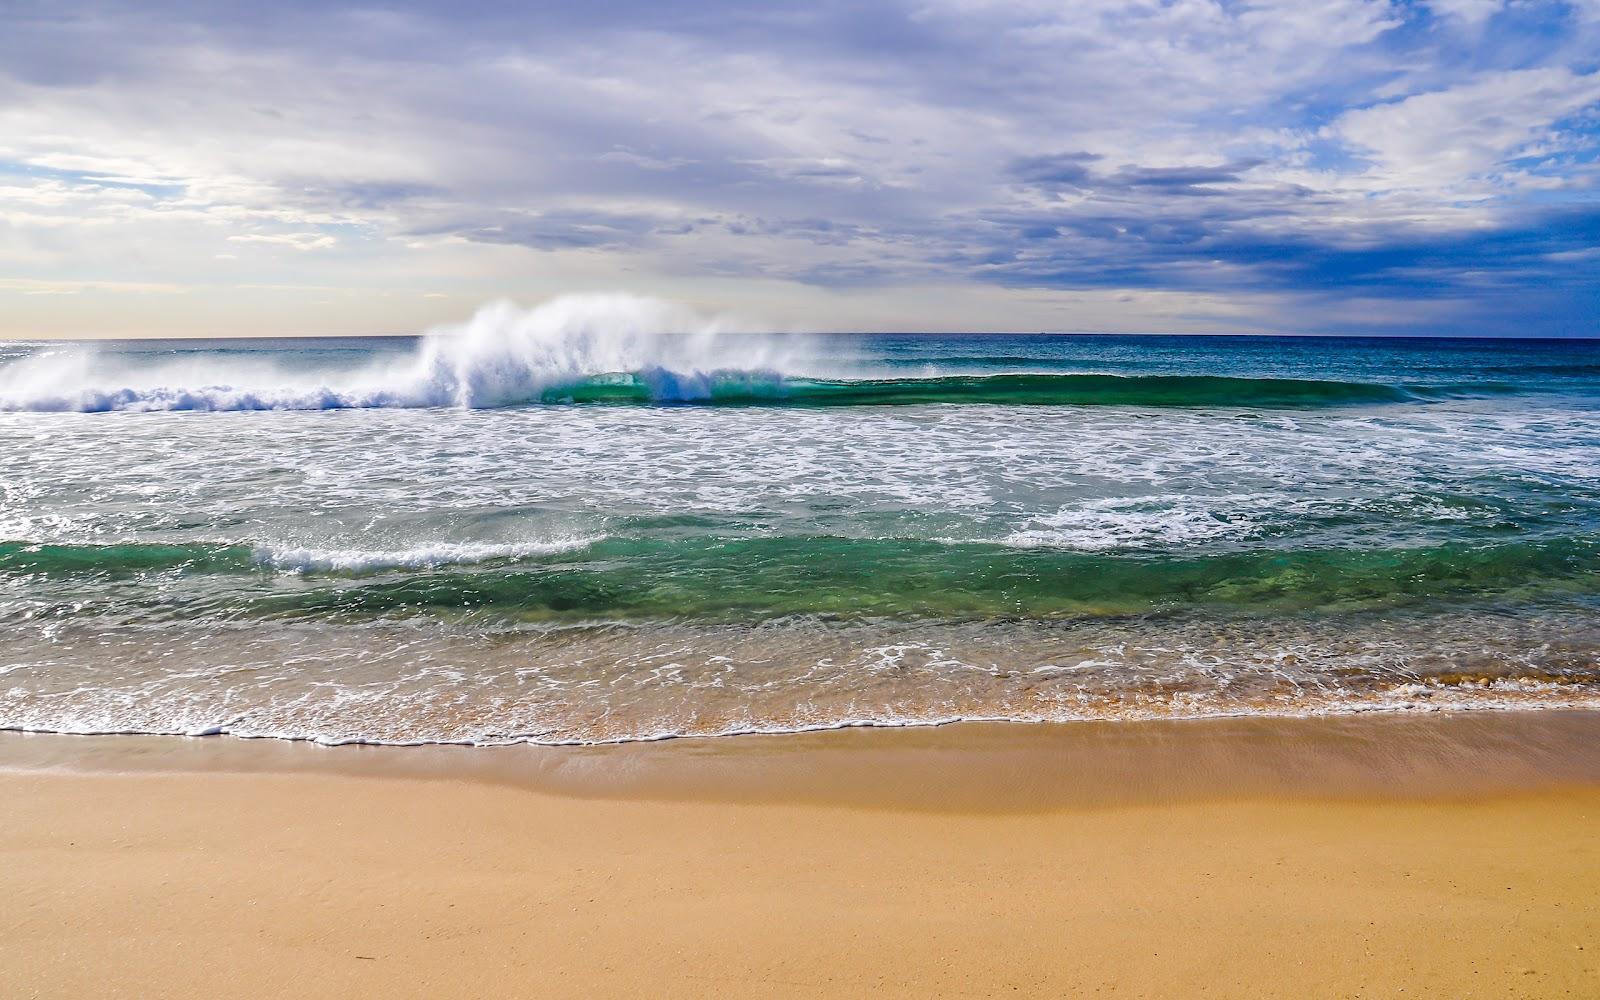 Beach Waves Wallpapers For Desktop Beach Waves: Fondos En HD 2 LLevate Uno :)